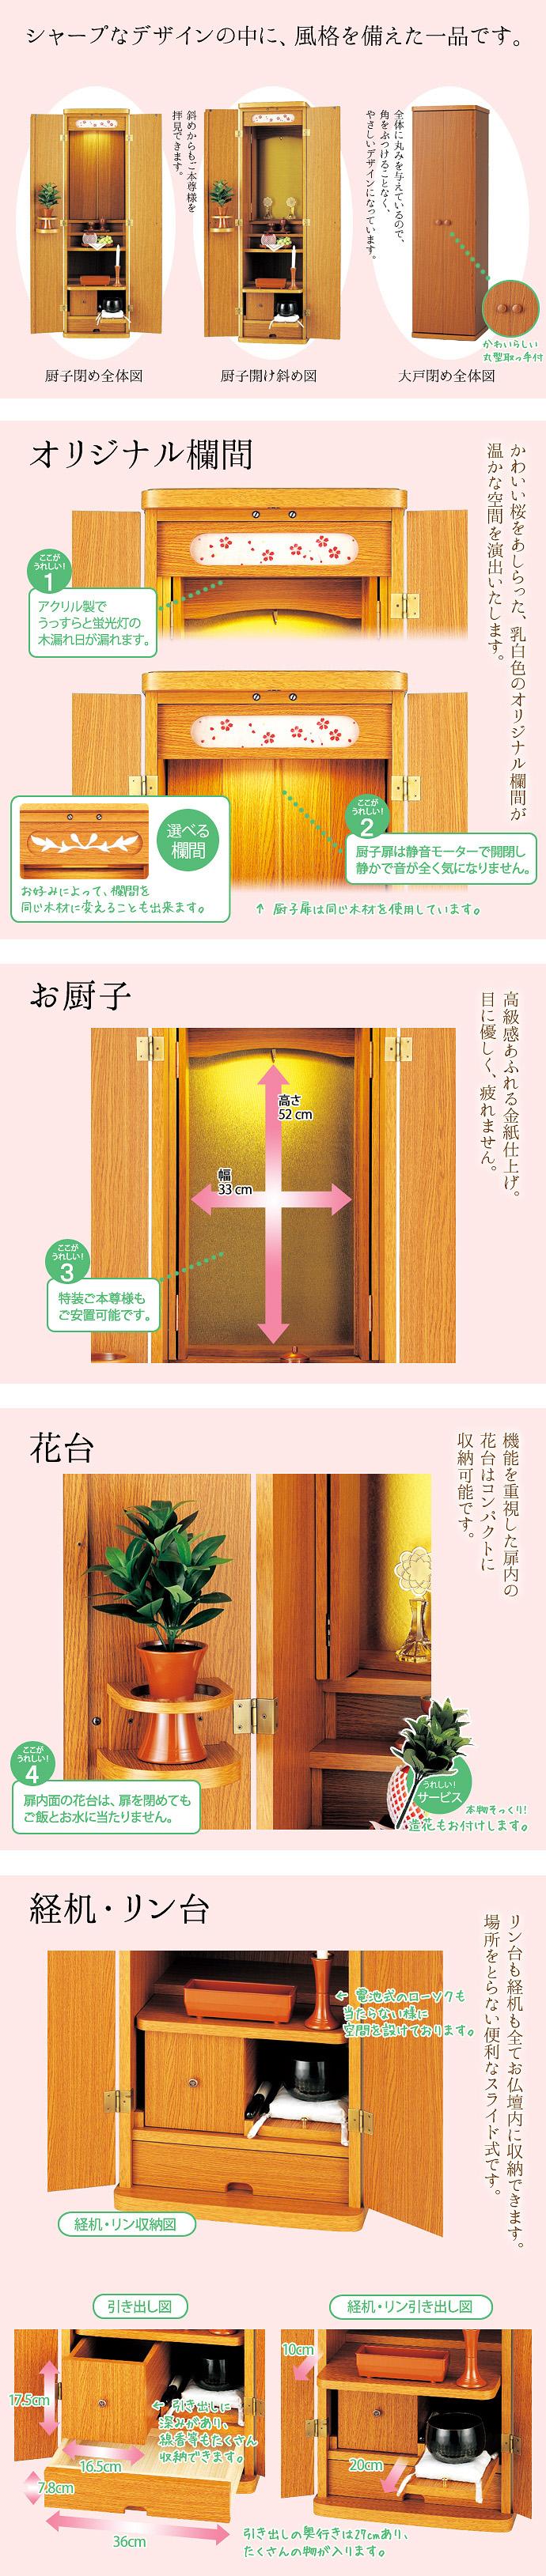 メルヘンライト デザイン図